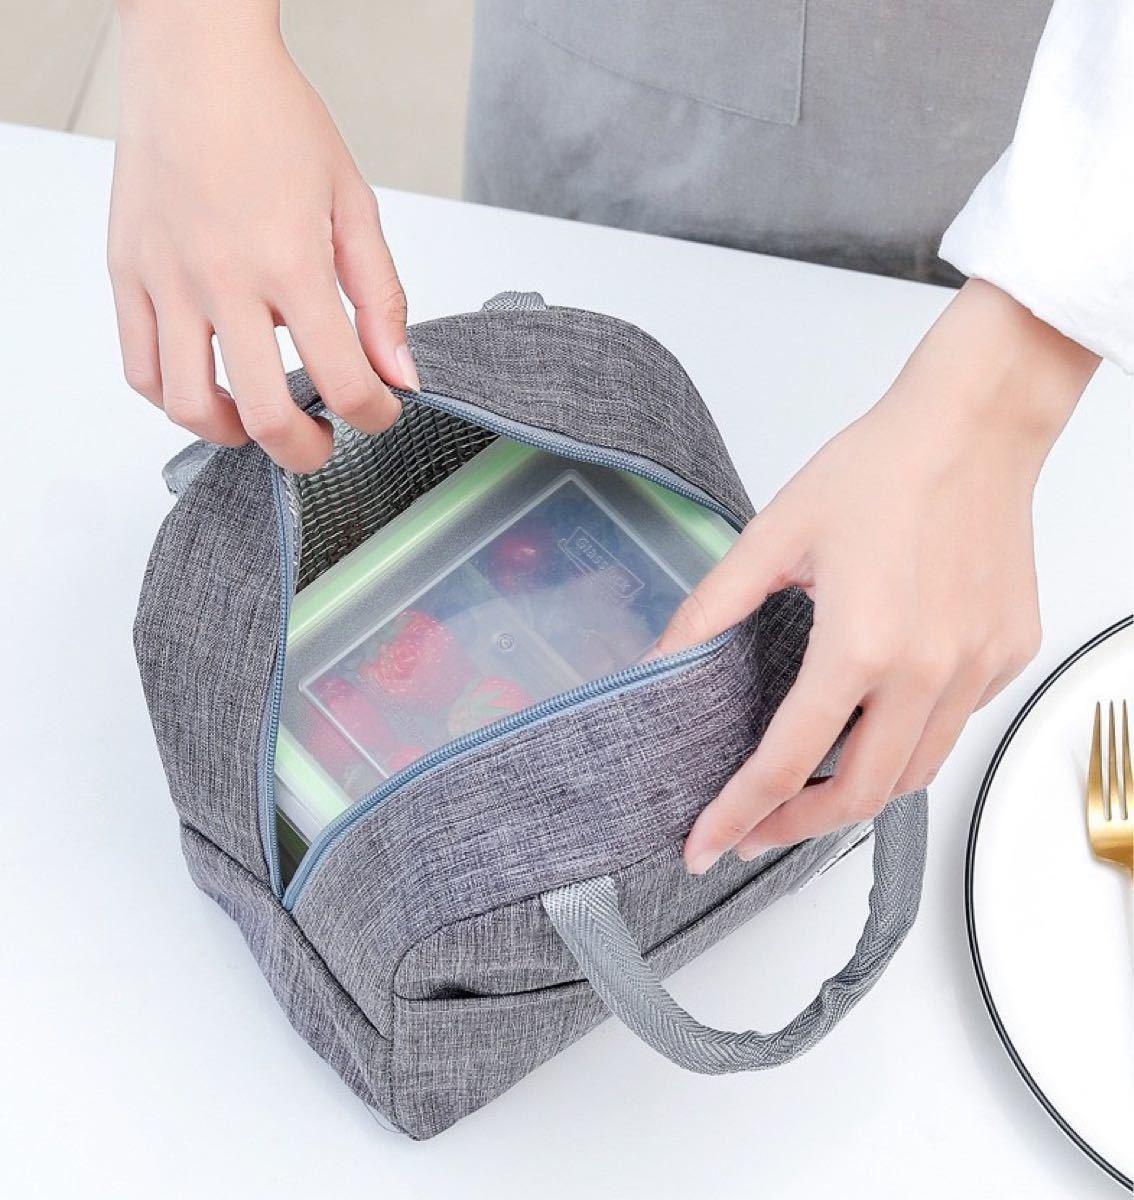 ランチバッグ 保冷 バッグ 大容量弁当袋 食品収納 断熱 ピクニック 手提げ弁当袋 ネイビー デイジー